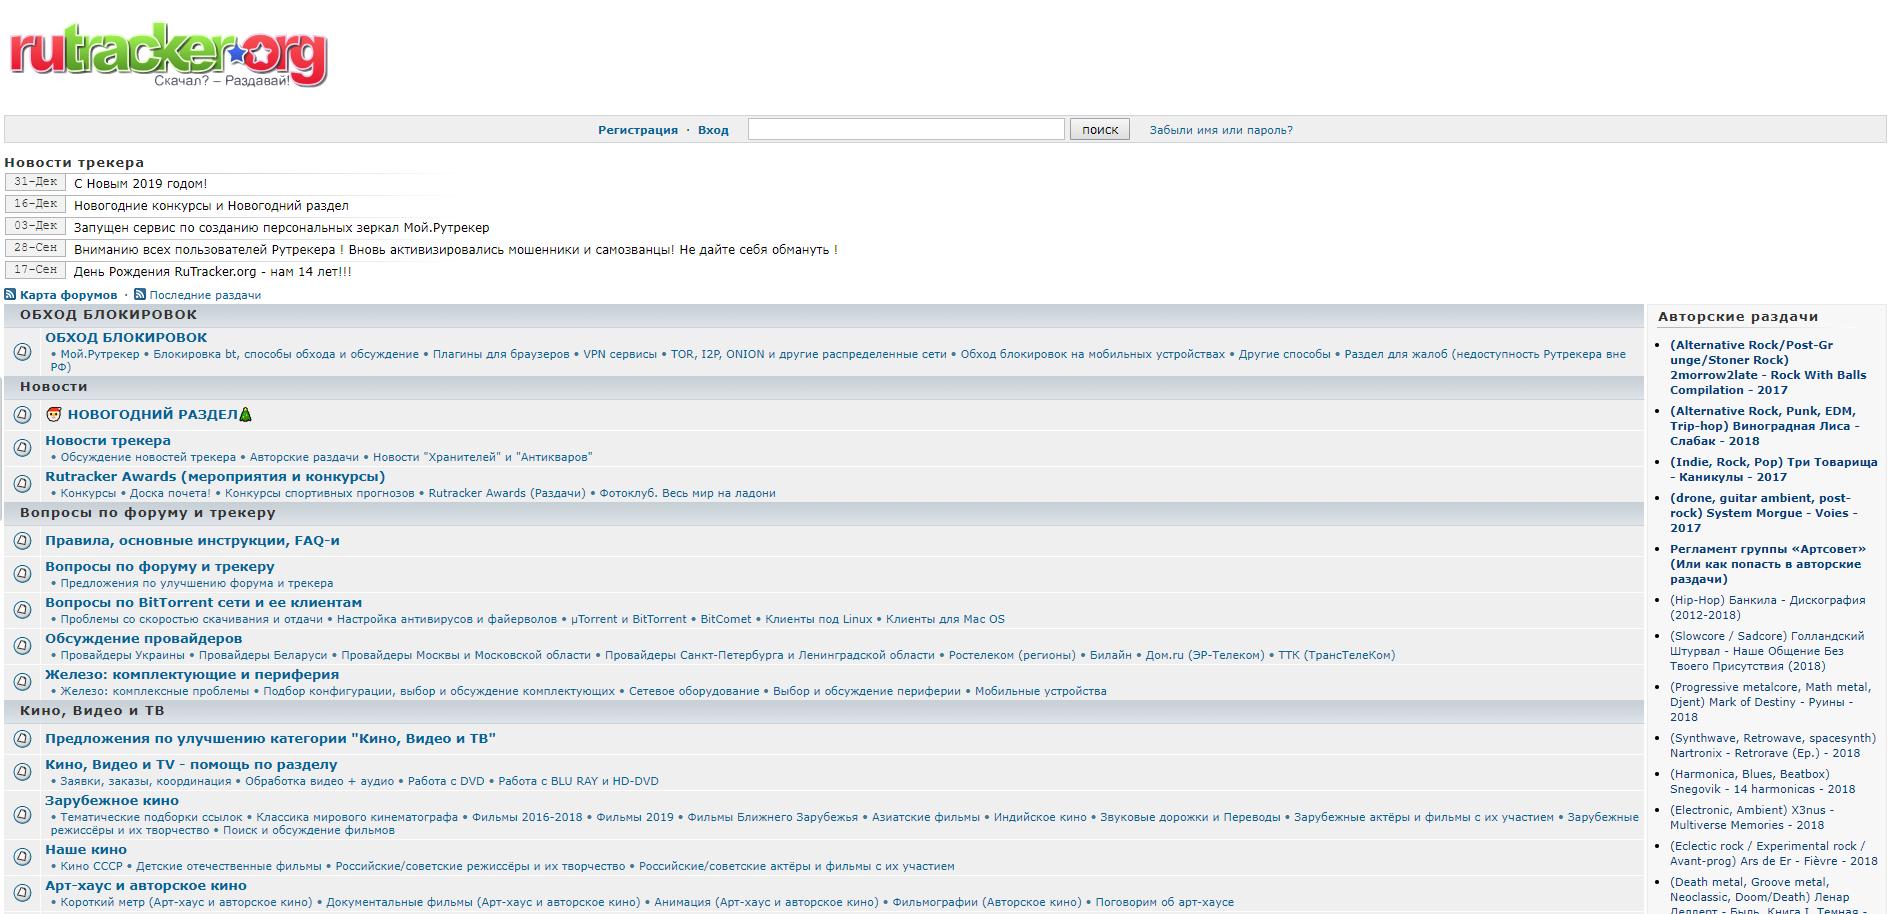 Топ торрент развлекательного сайтов как сделать сайт html самому бесплатно